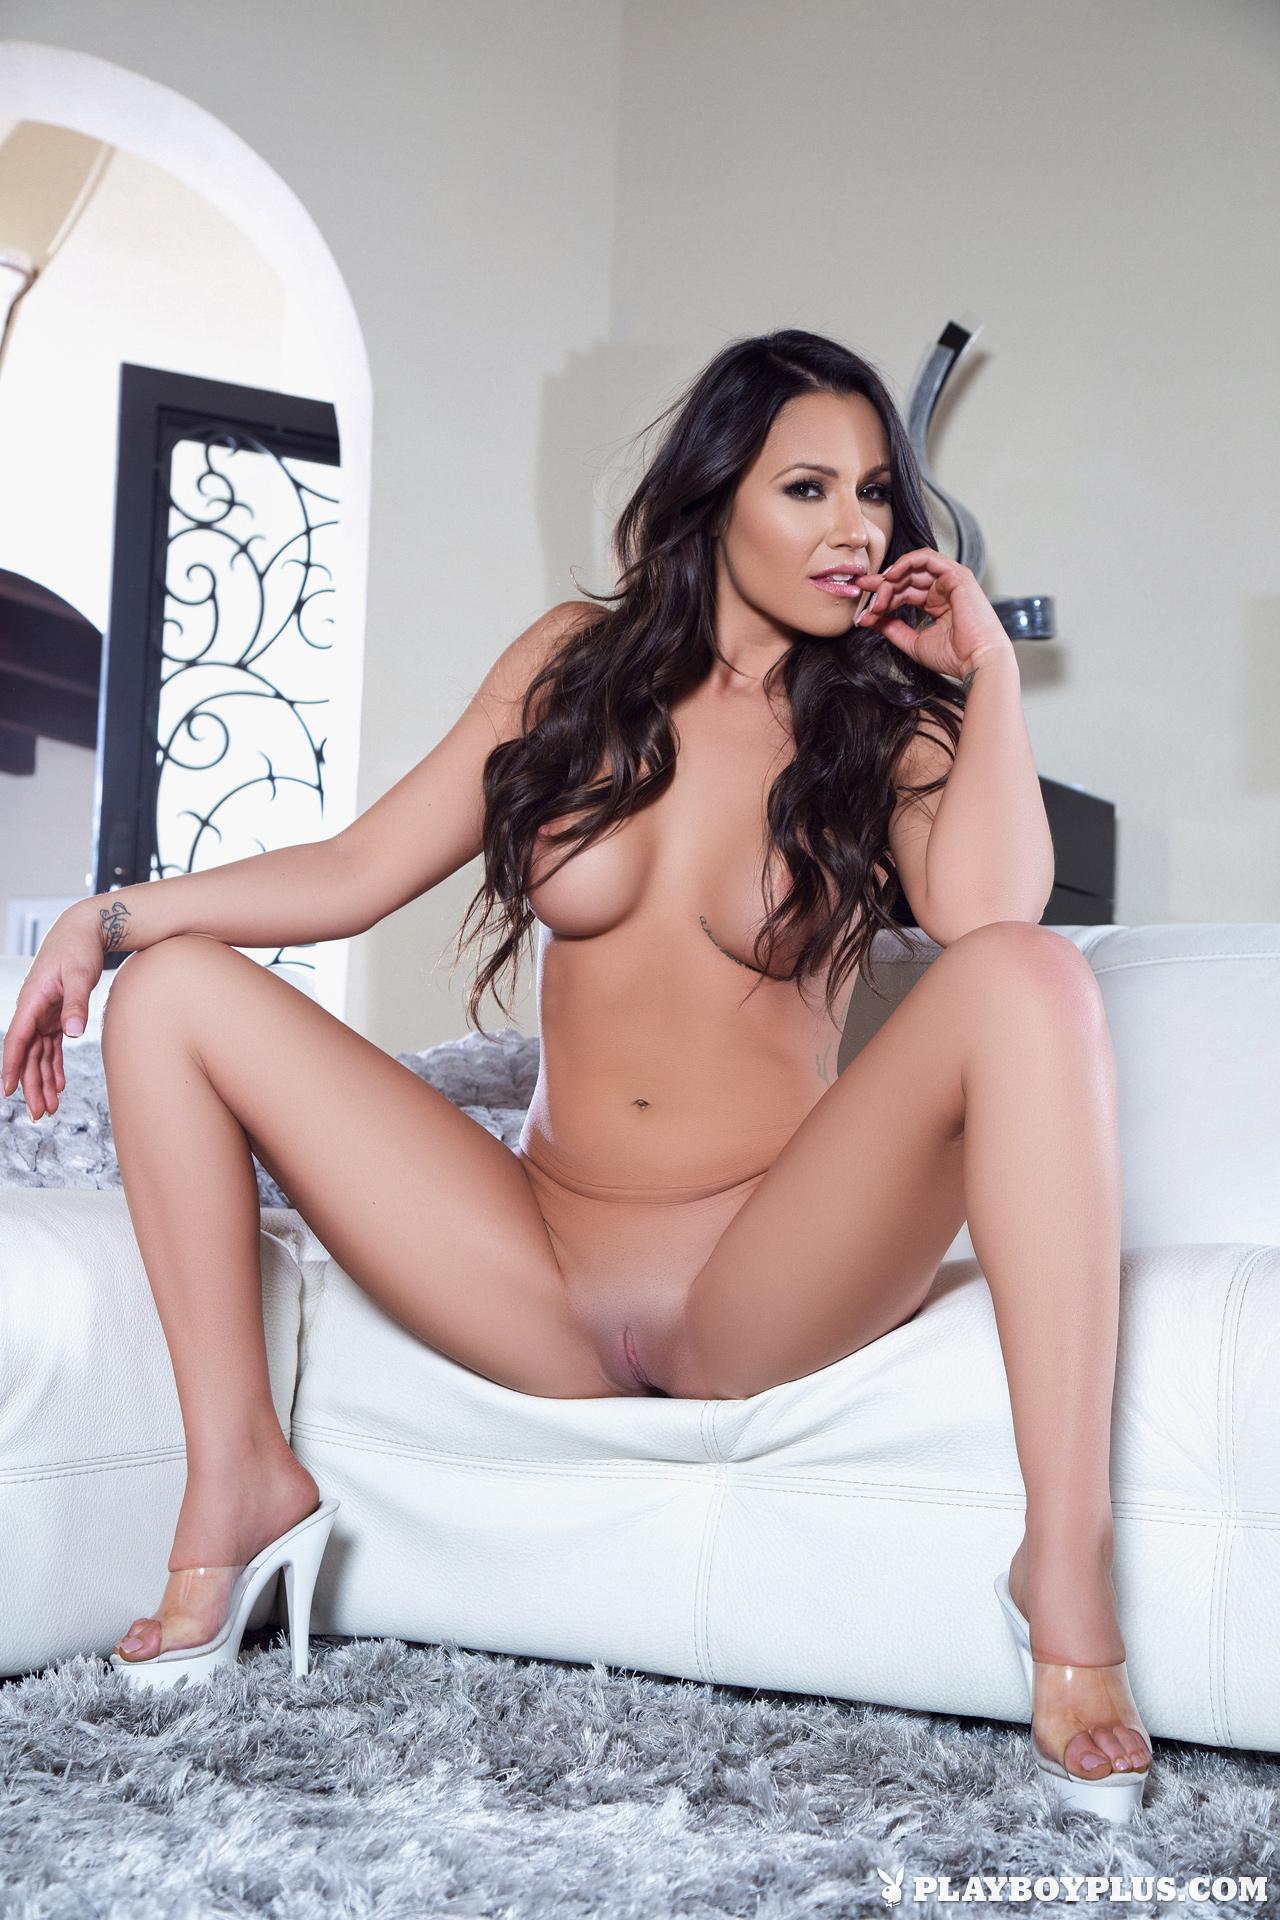 Jill nicolini nude pictures